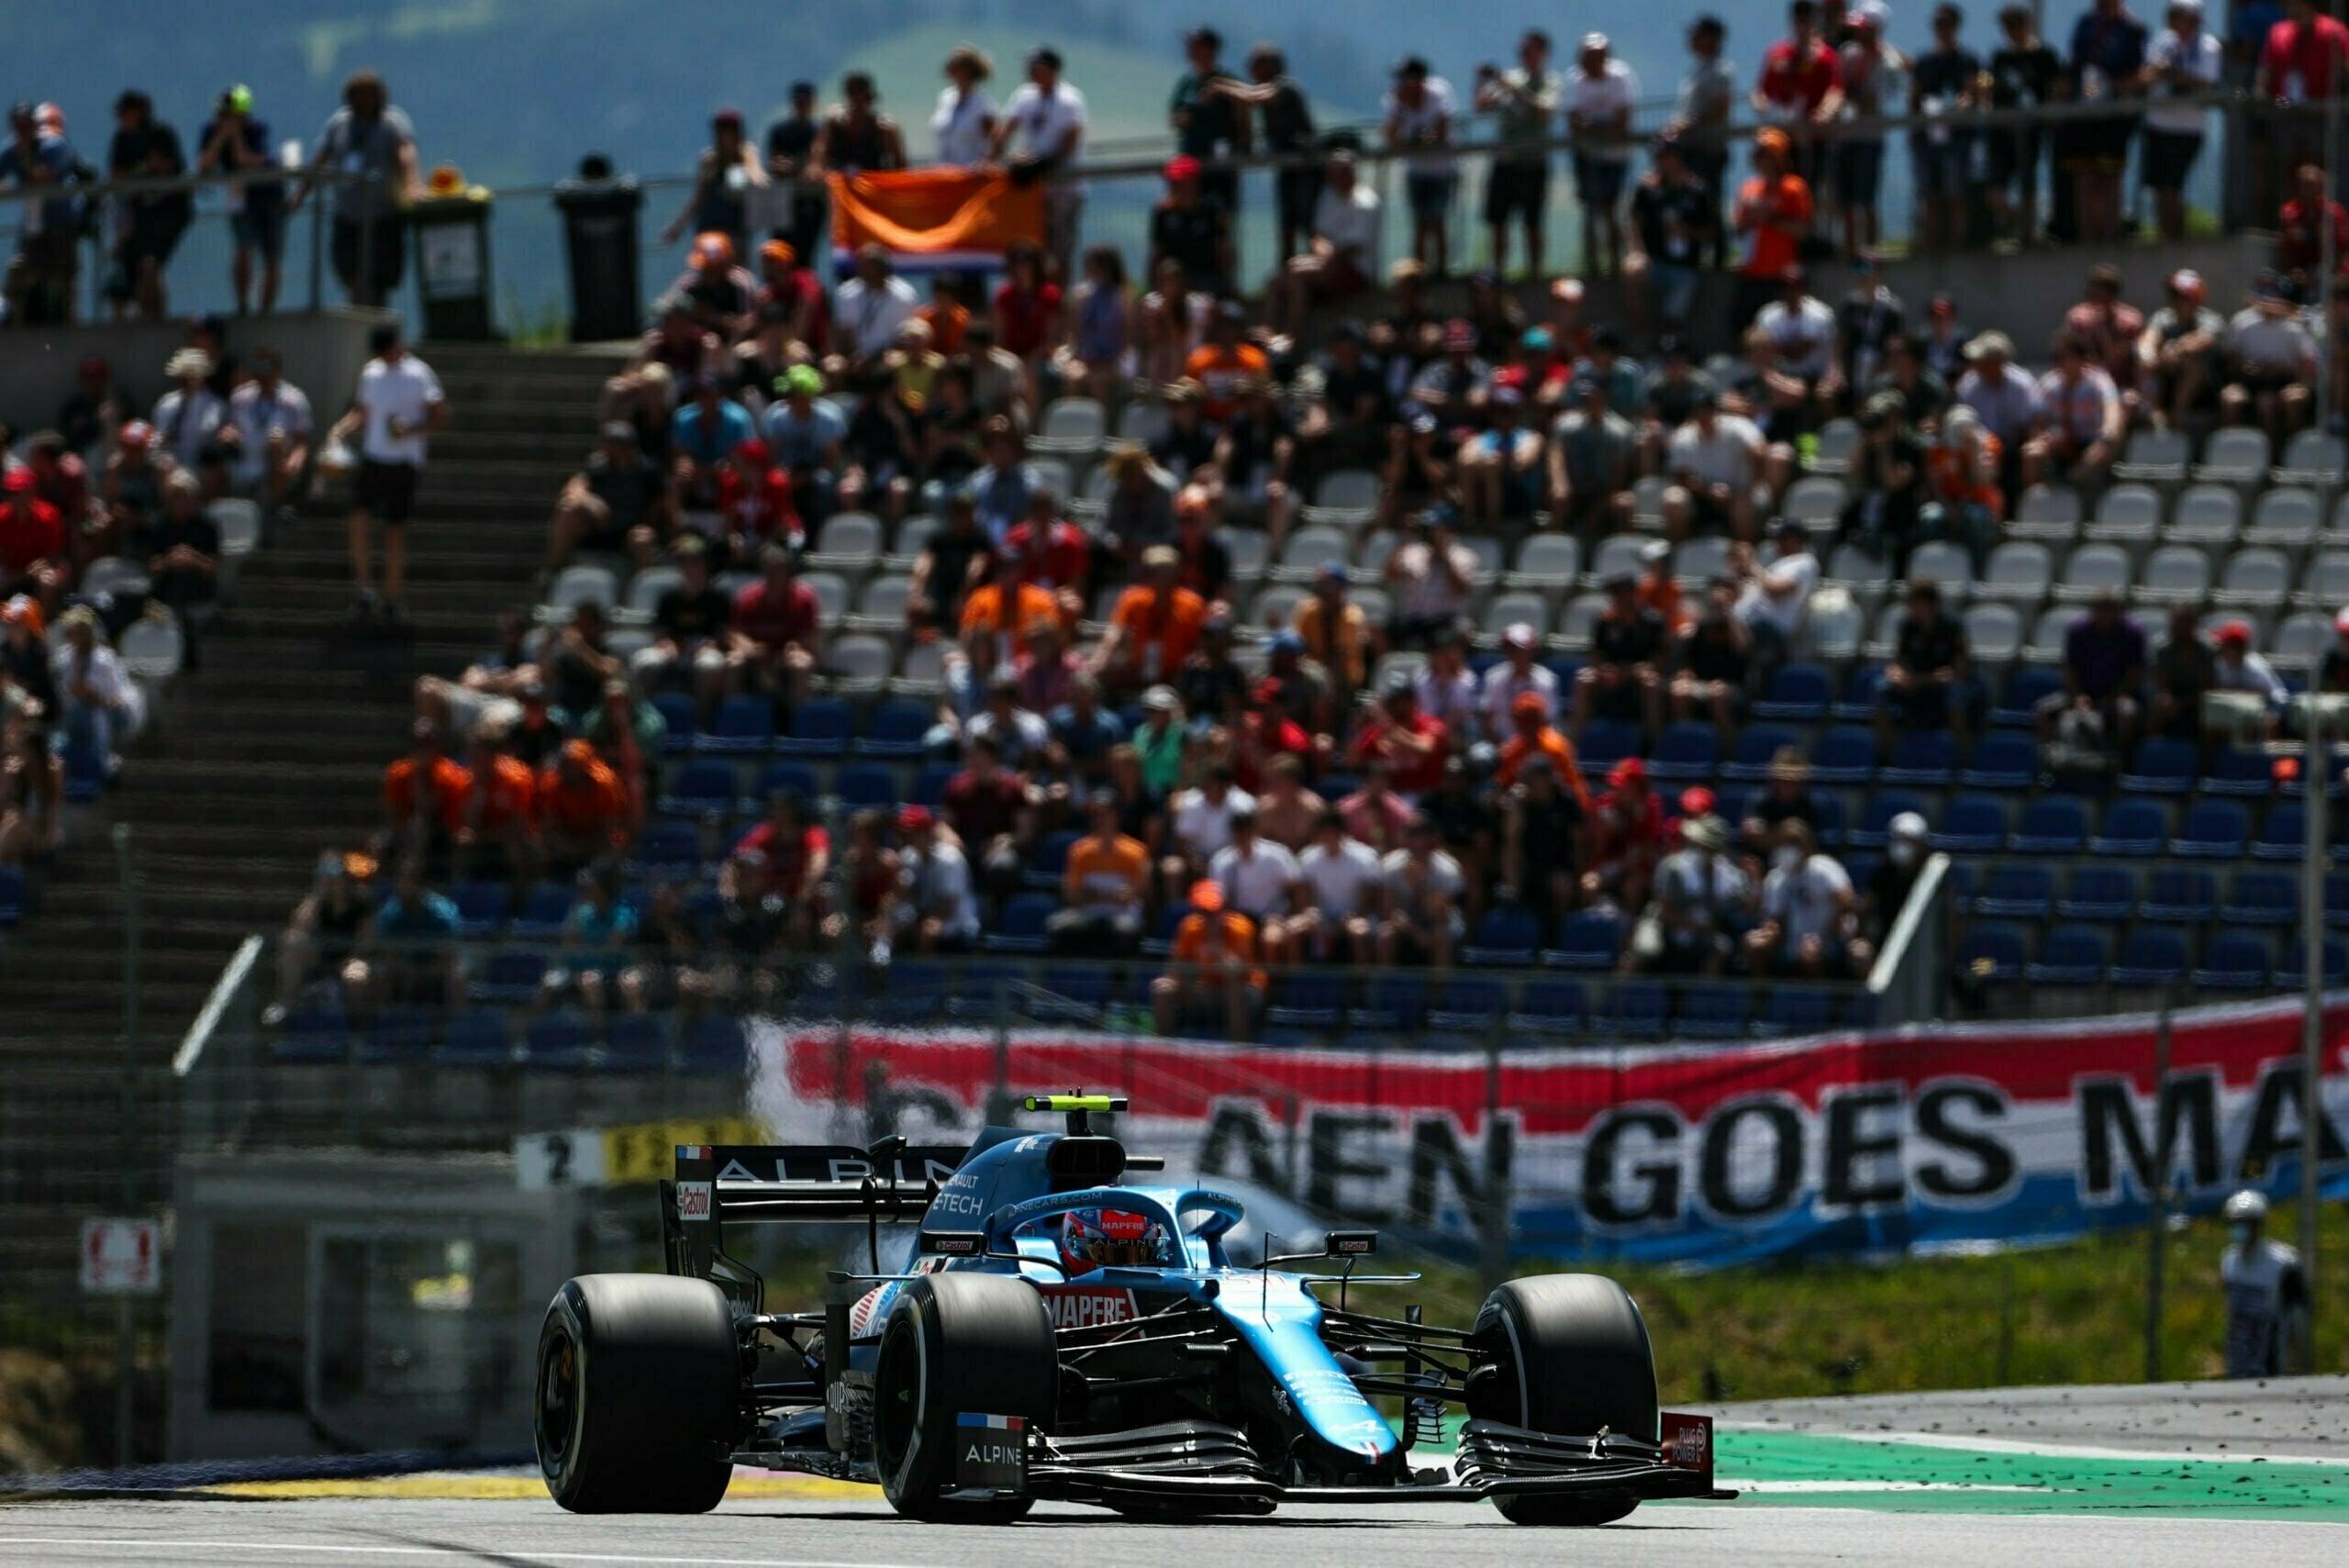 Alpine F1 Alonso Ocon A521 GP Autriche Spielberg 2021 4 scaled | Alpine F1 privé de Q3 au Grand Prix BWT d'Autriche